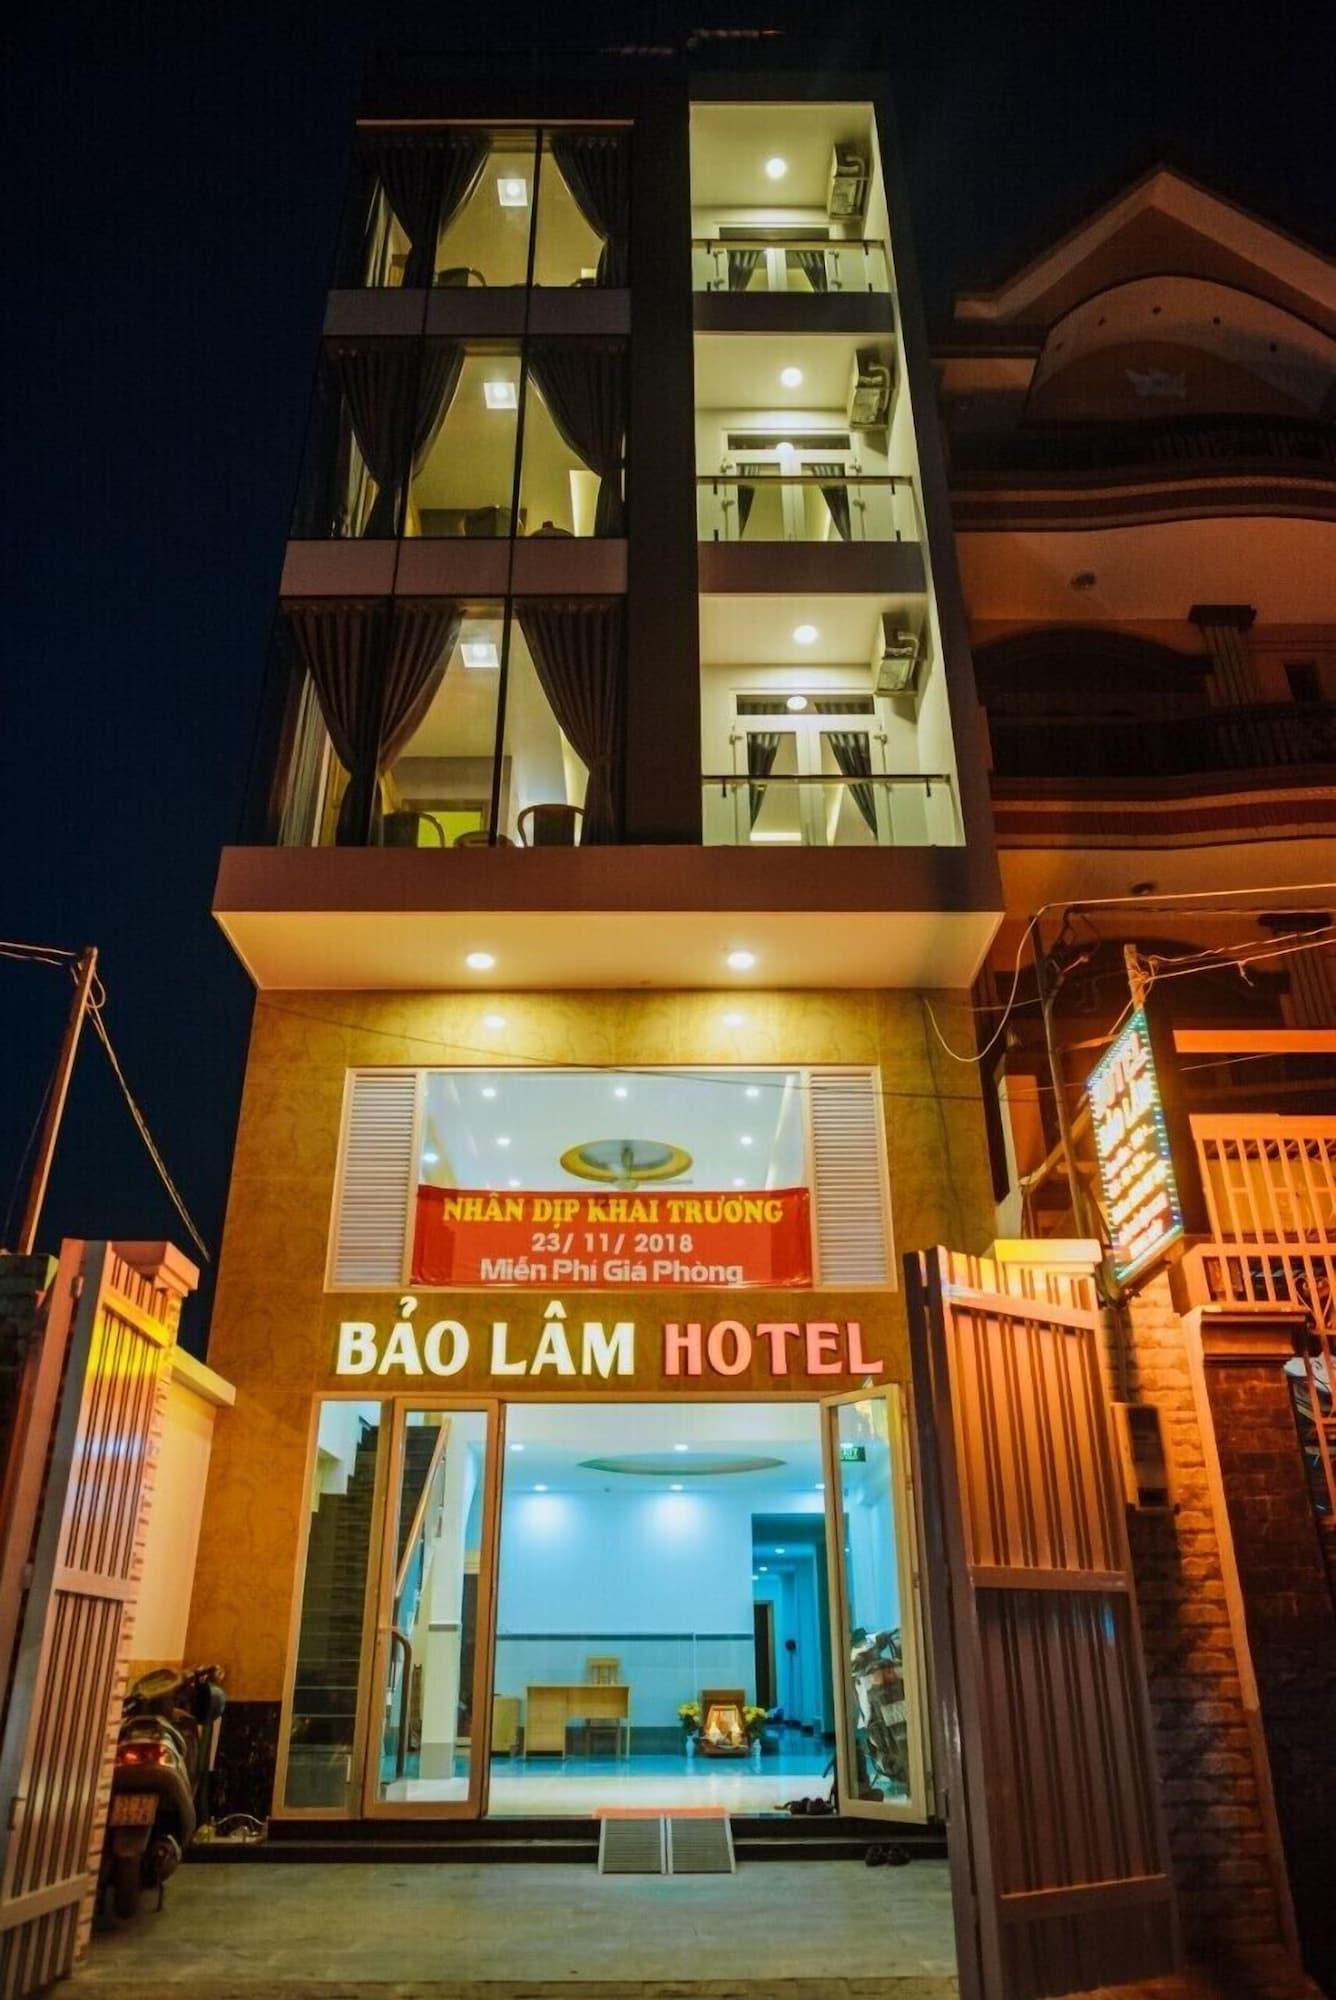 Bao Lam hotel, Quận 9